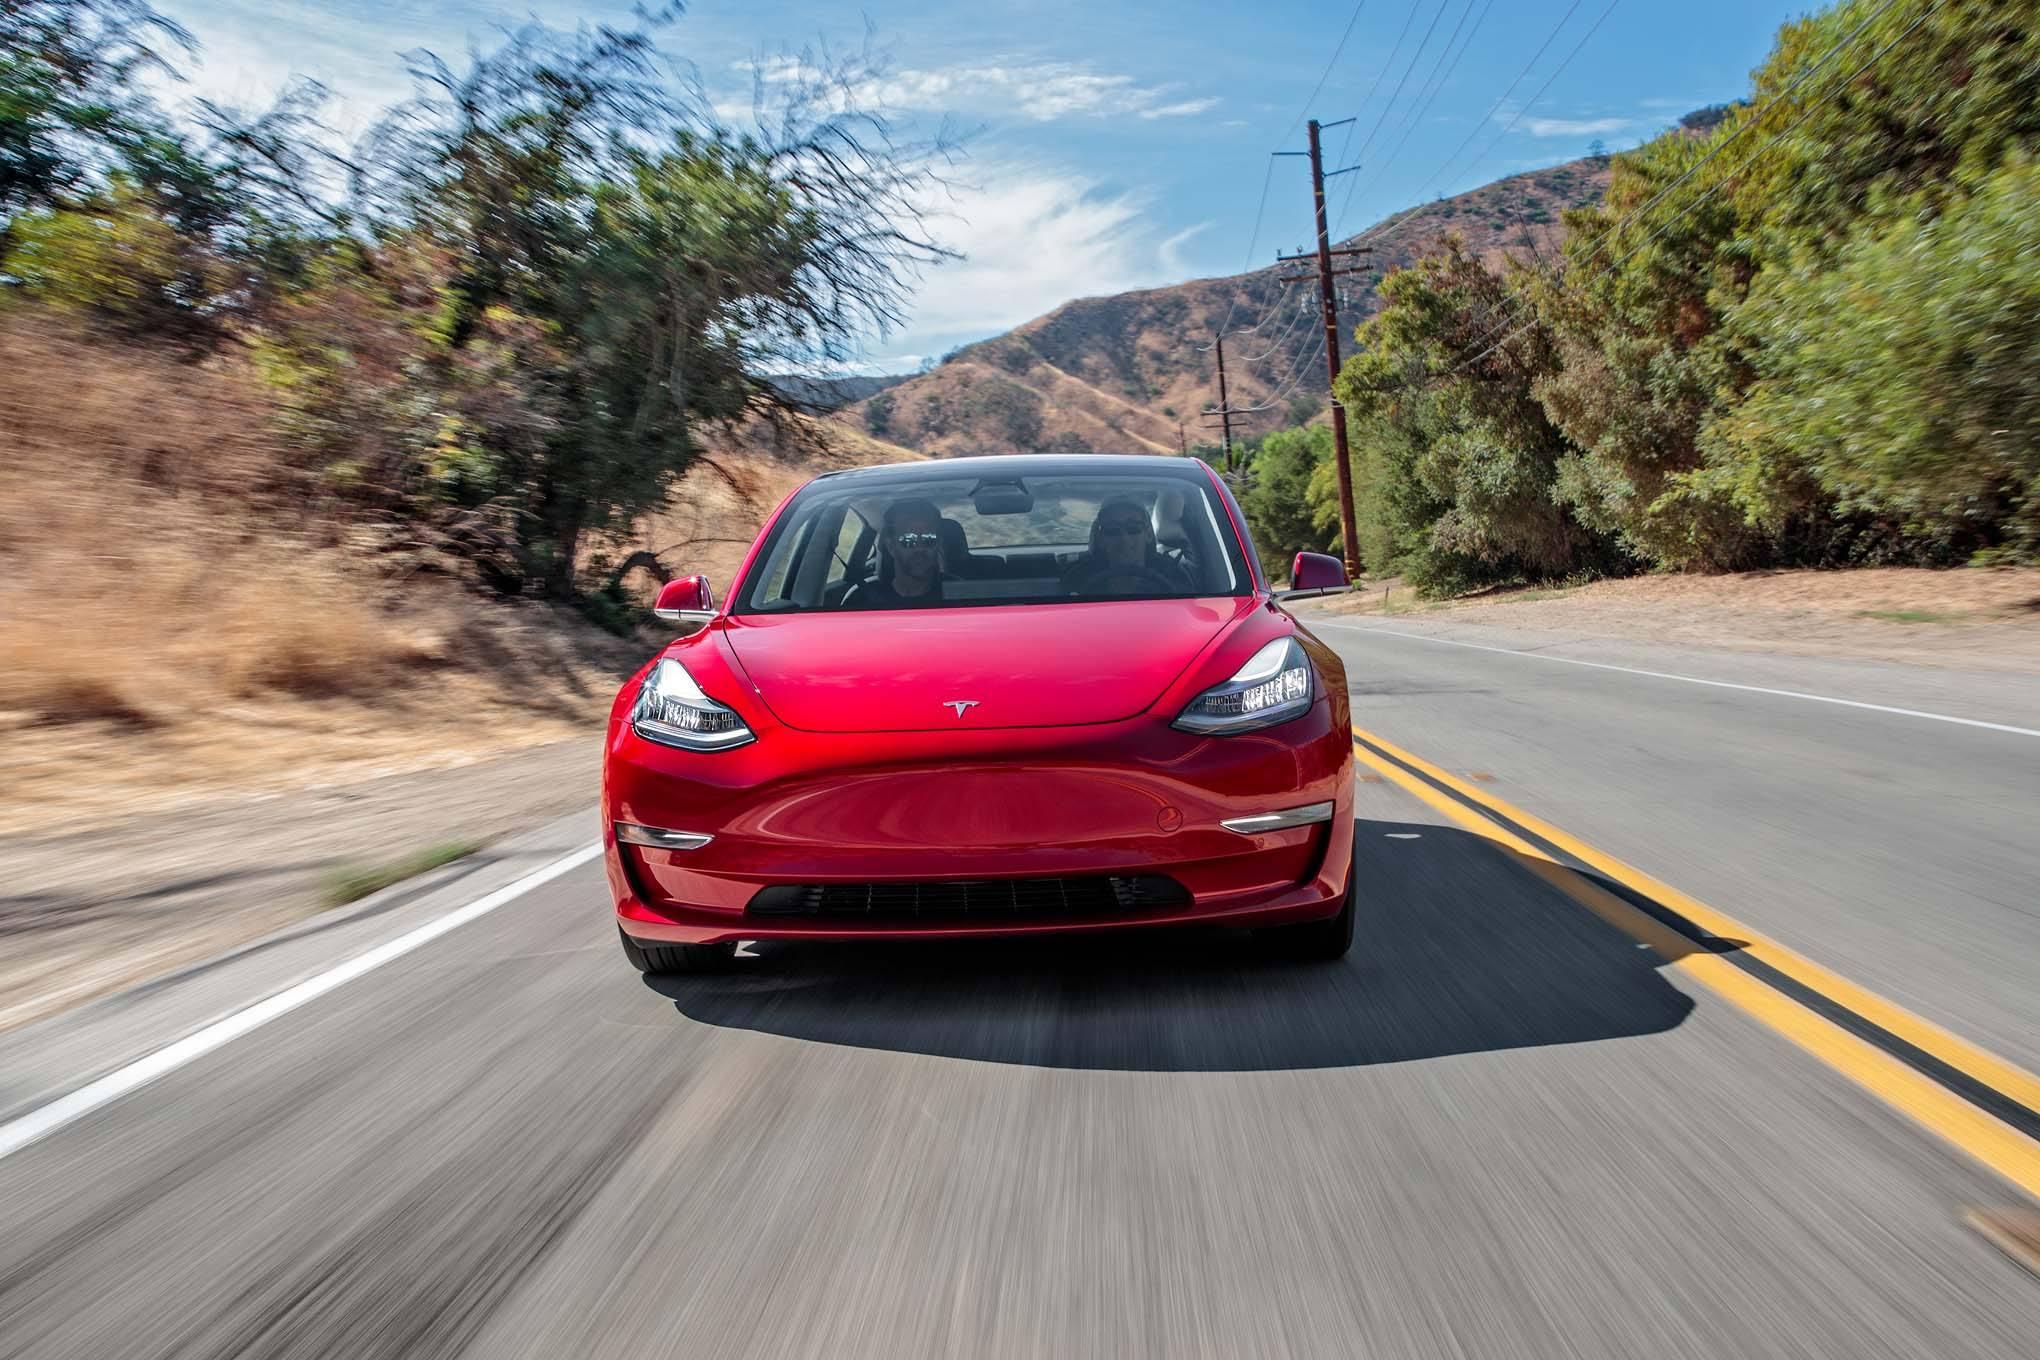 马斯克:Model 3最早于明年初进入欧亚市场销售